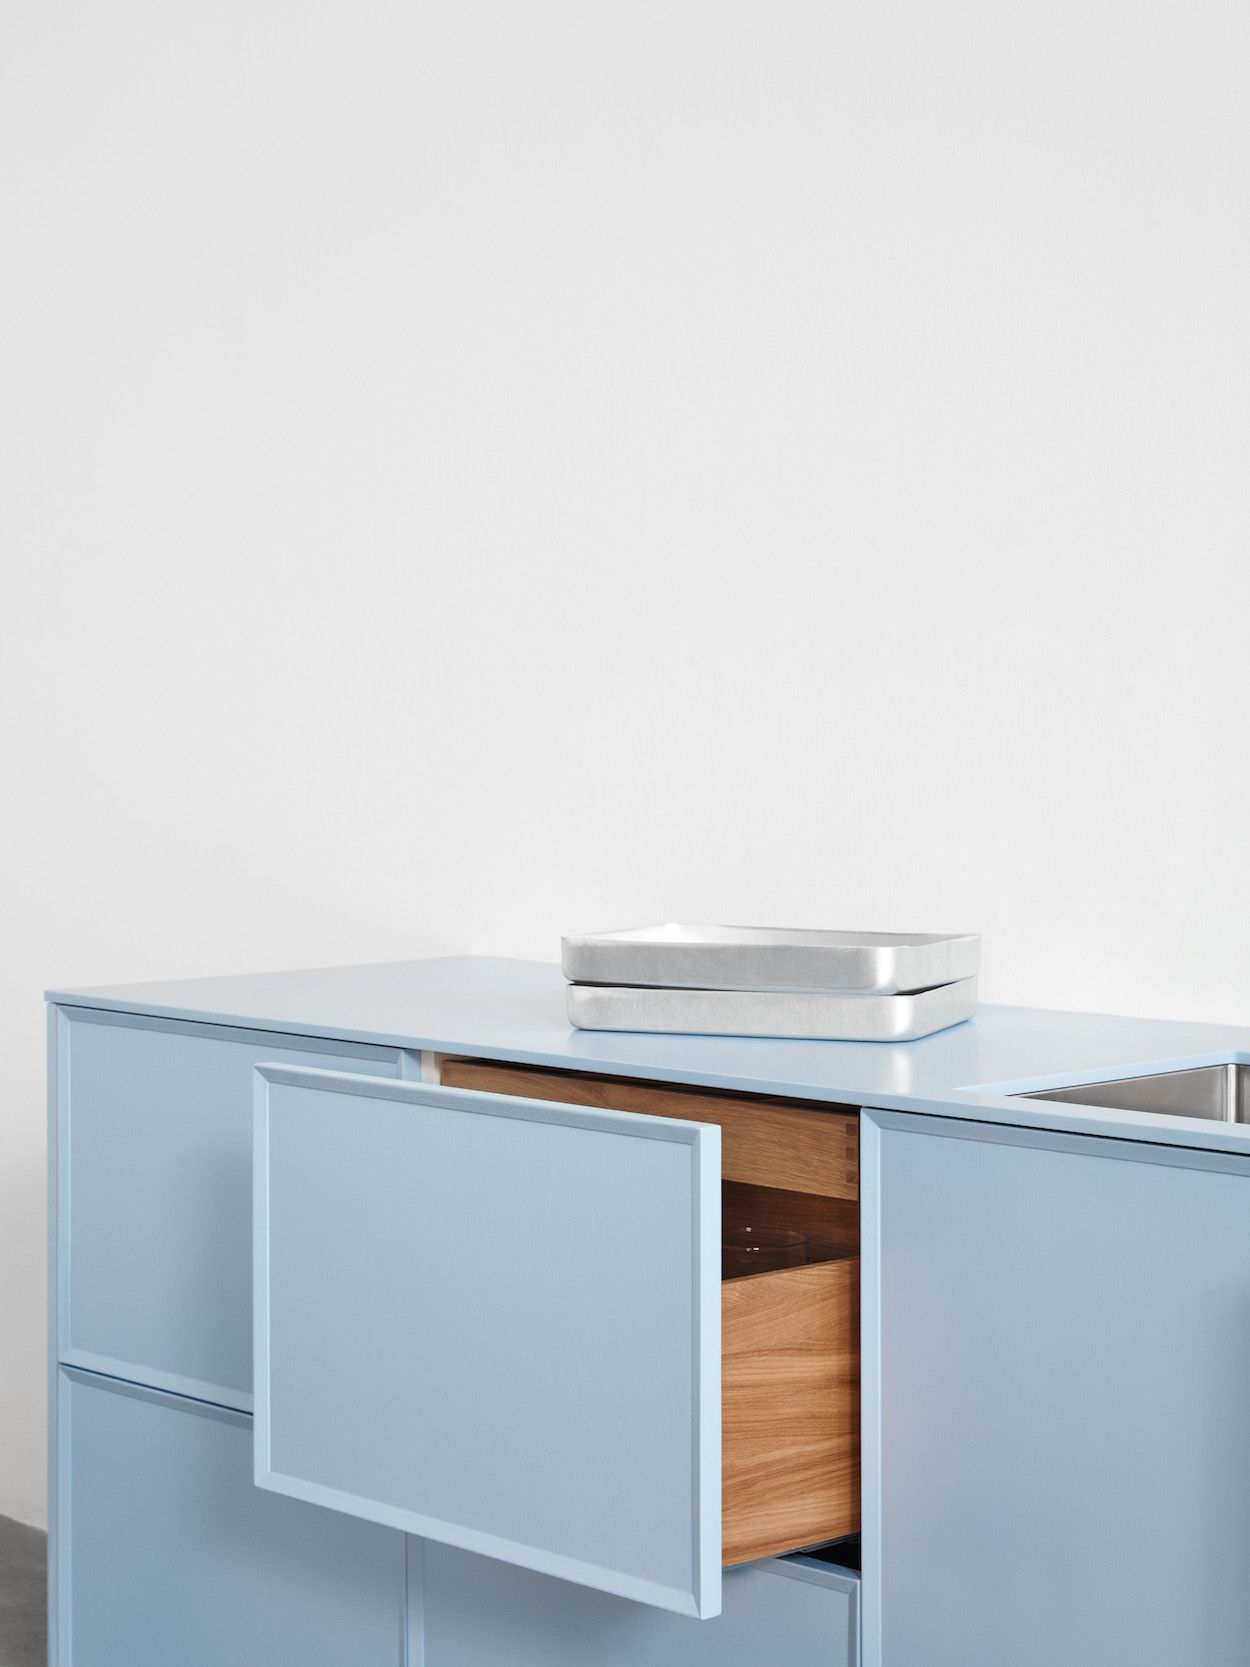 FRAME Minimalist Kitchen by Note Design Studio - Design Milk